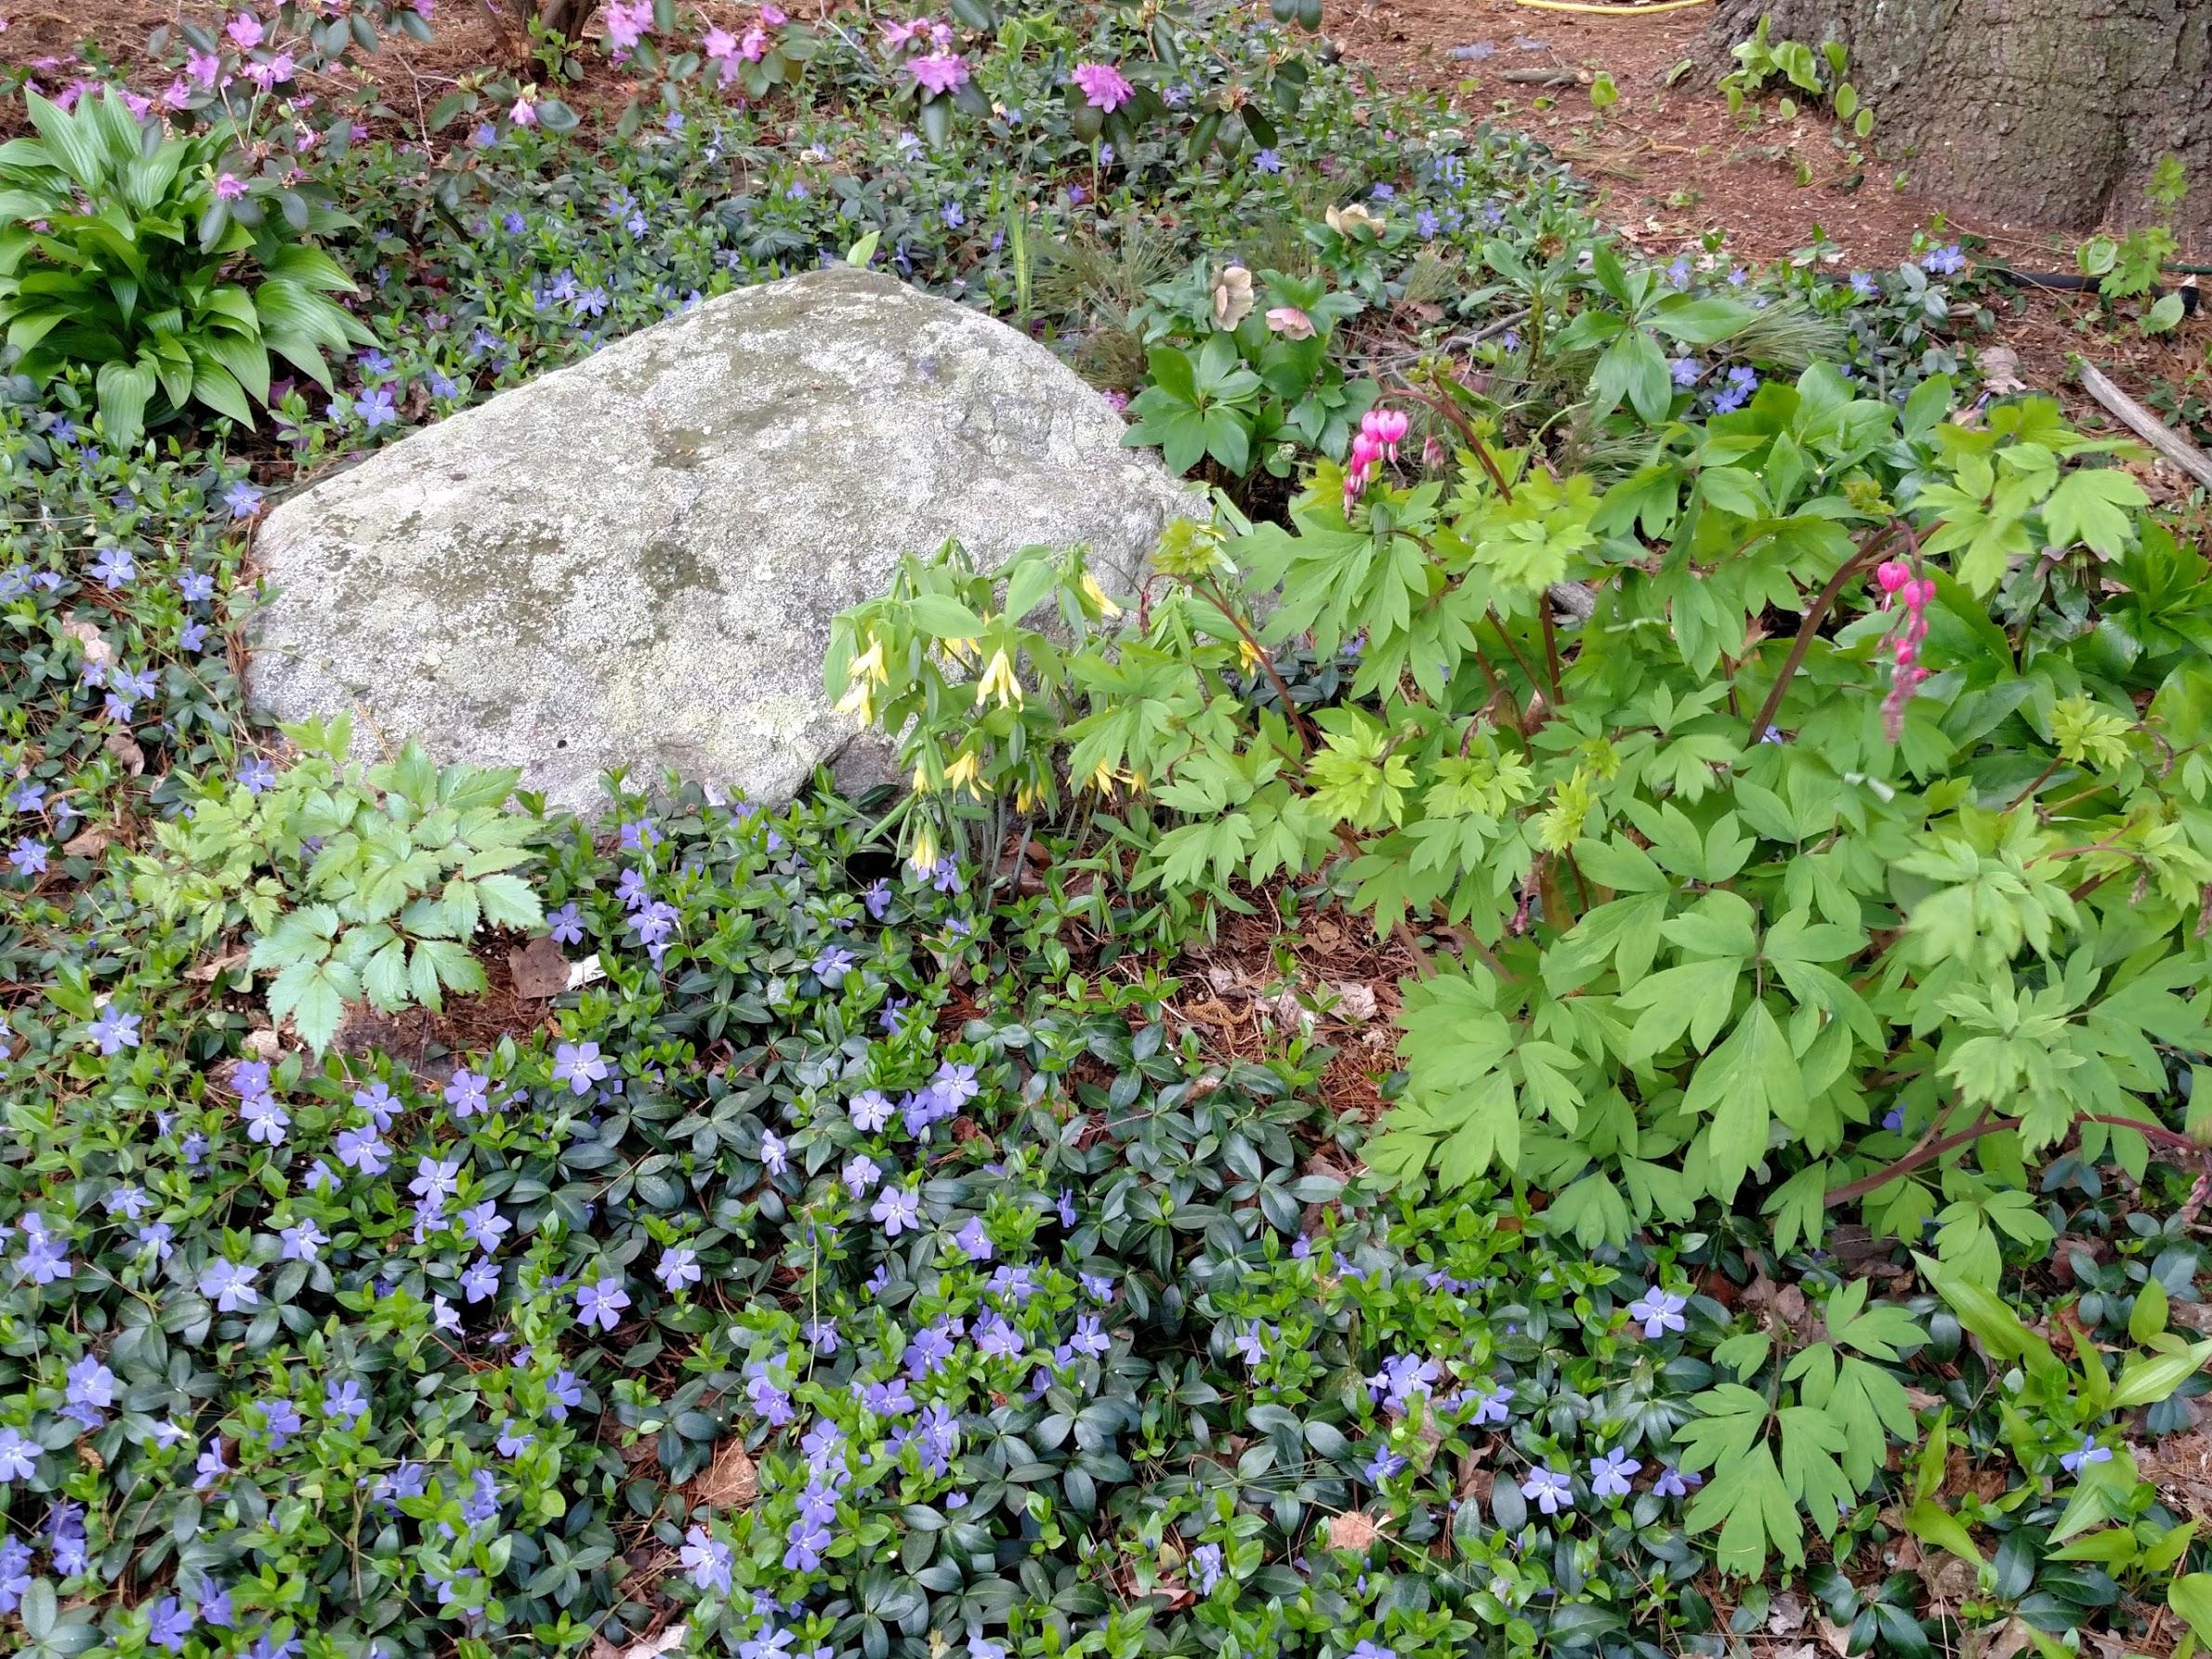 Vinca vine in bloom in early Spring